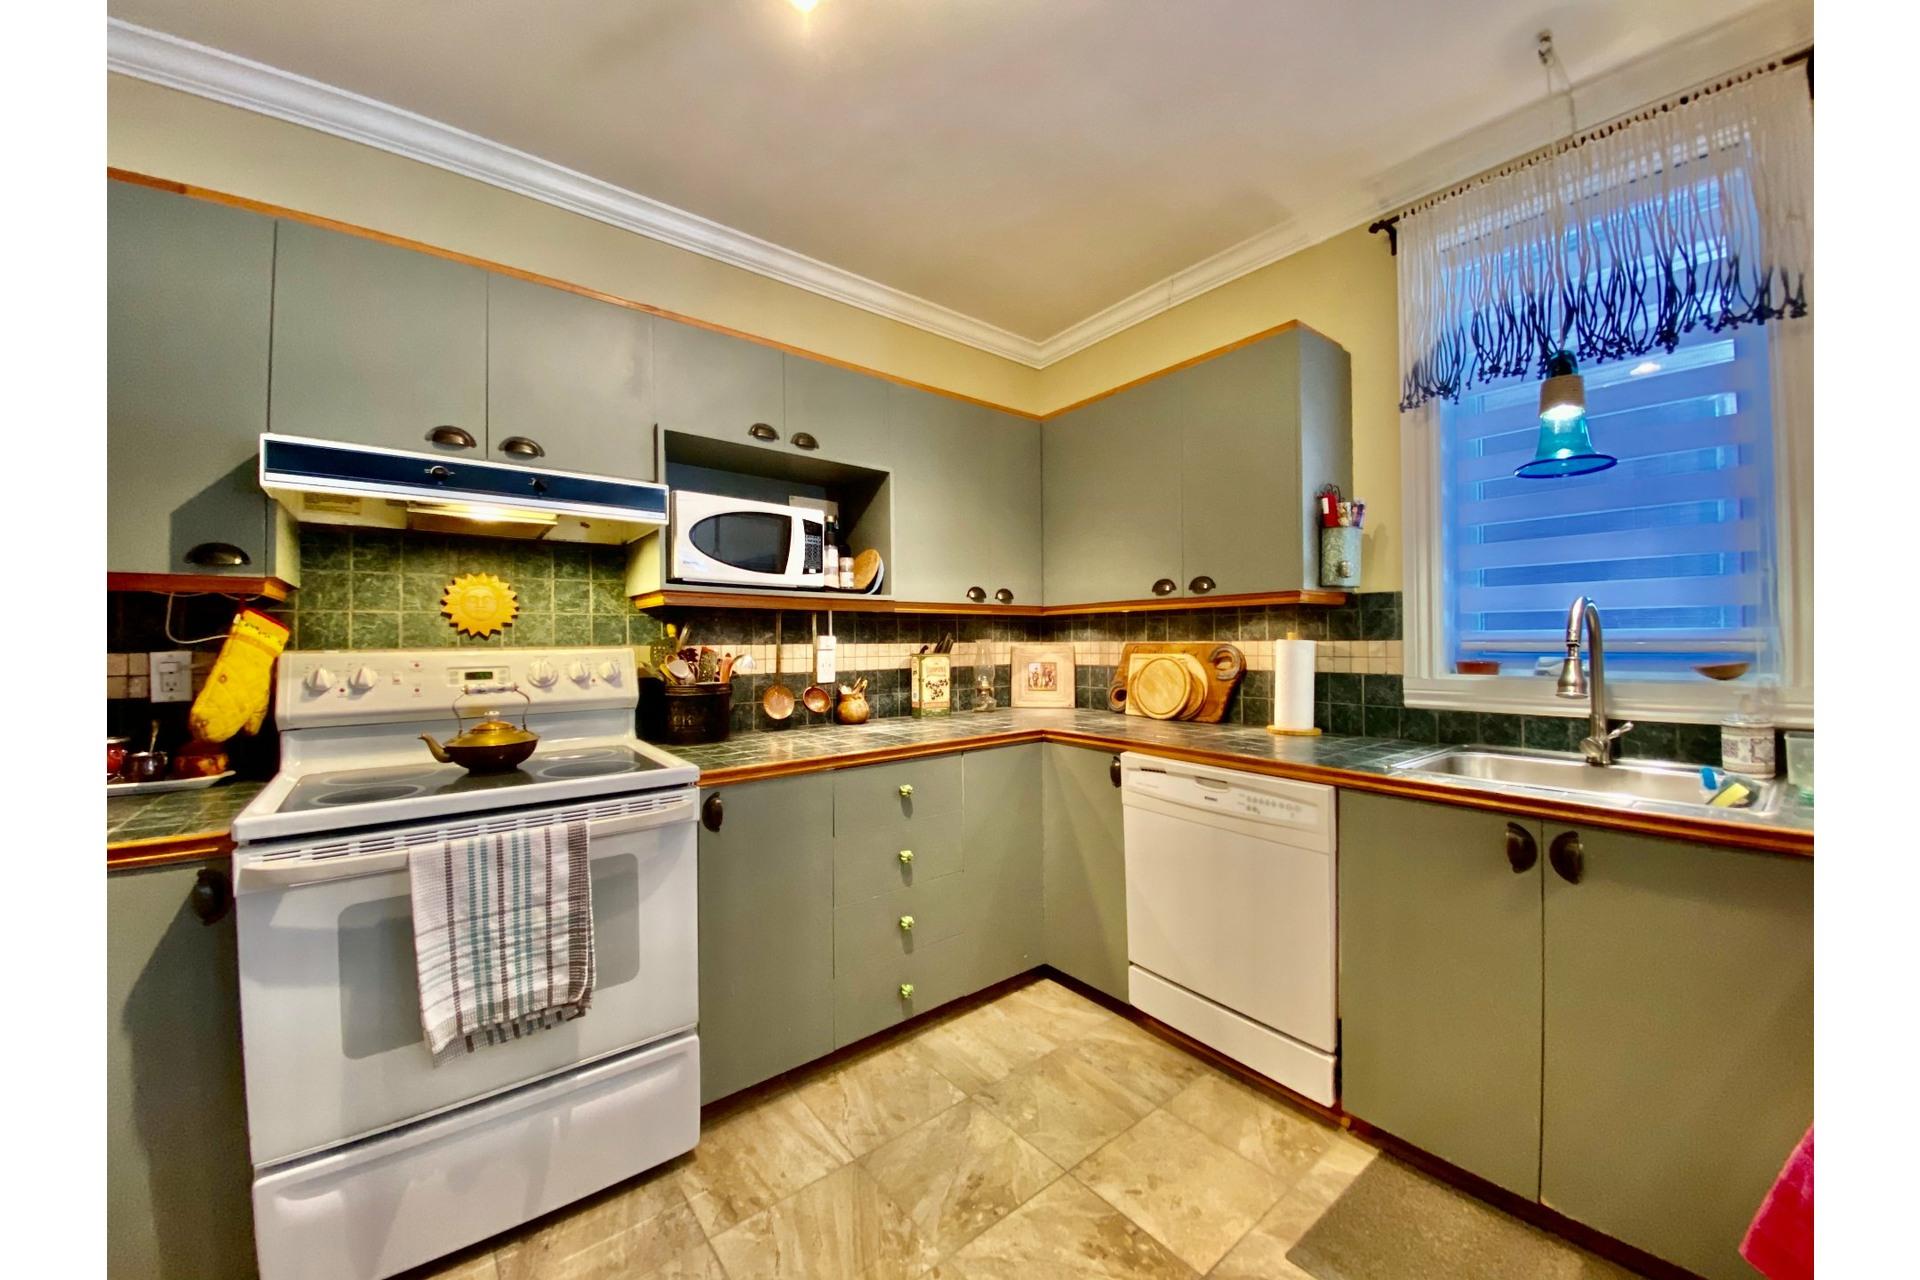 image 5 - Appartement À louer Dorval - 7 pièces